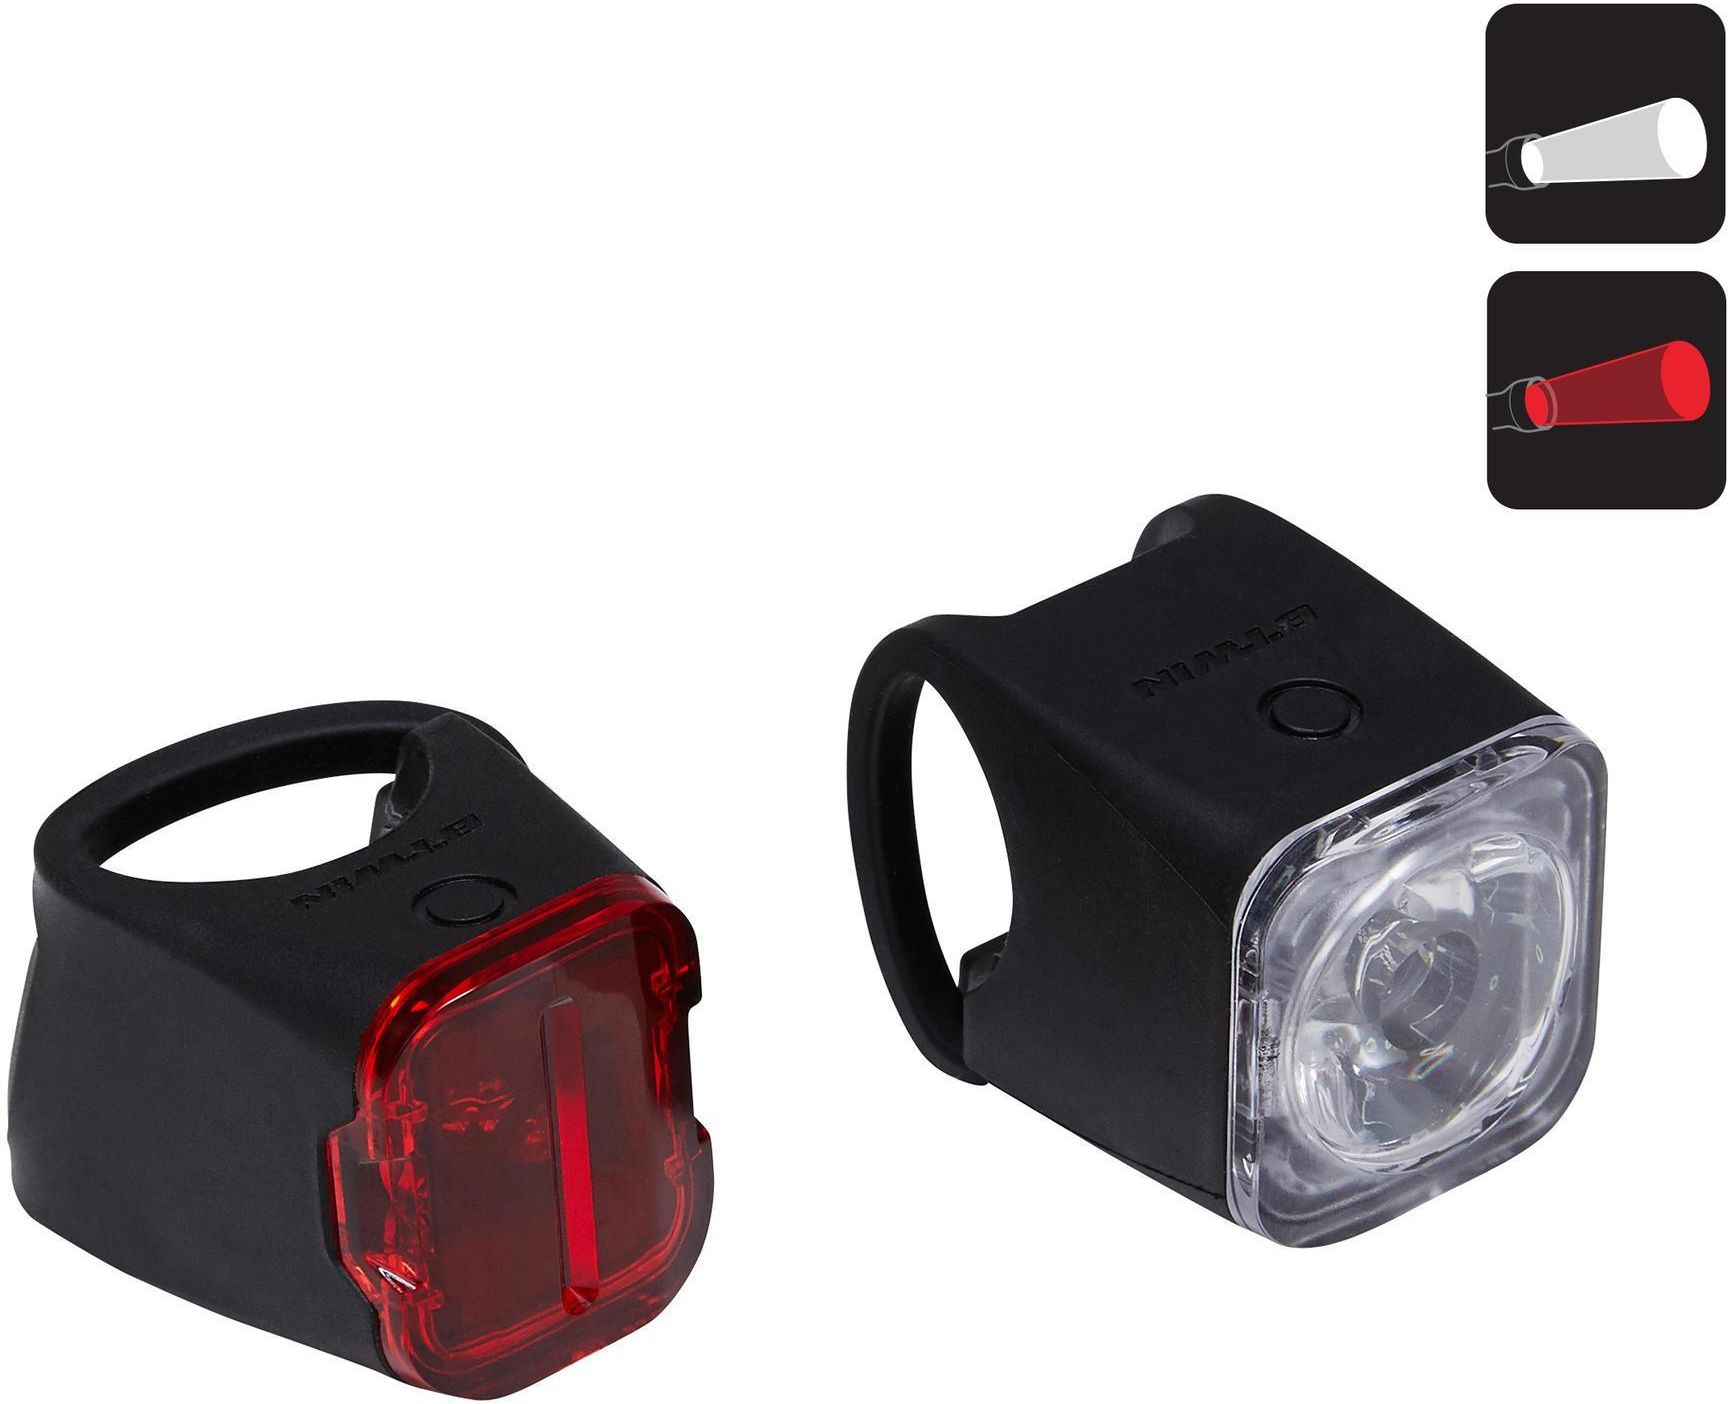 Zestaw lampek rowerowych ST 540 USB przednia i tylna